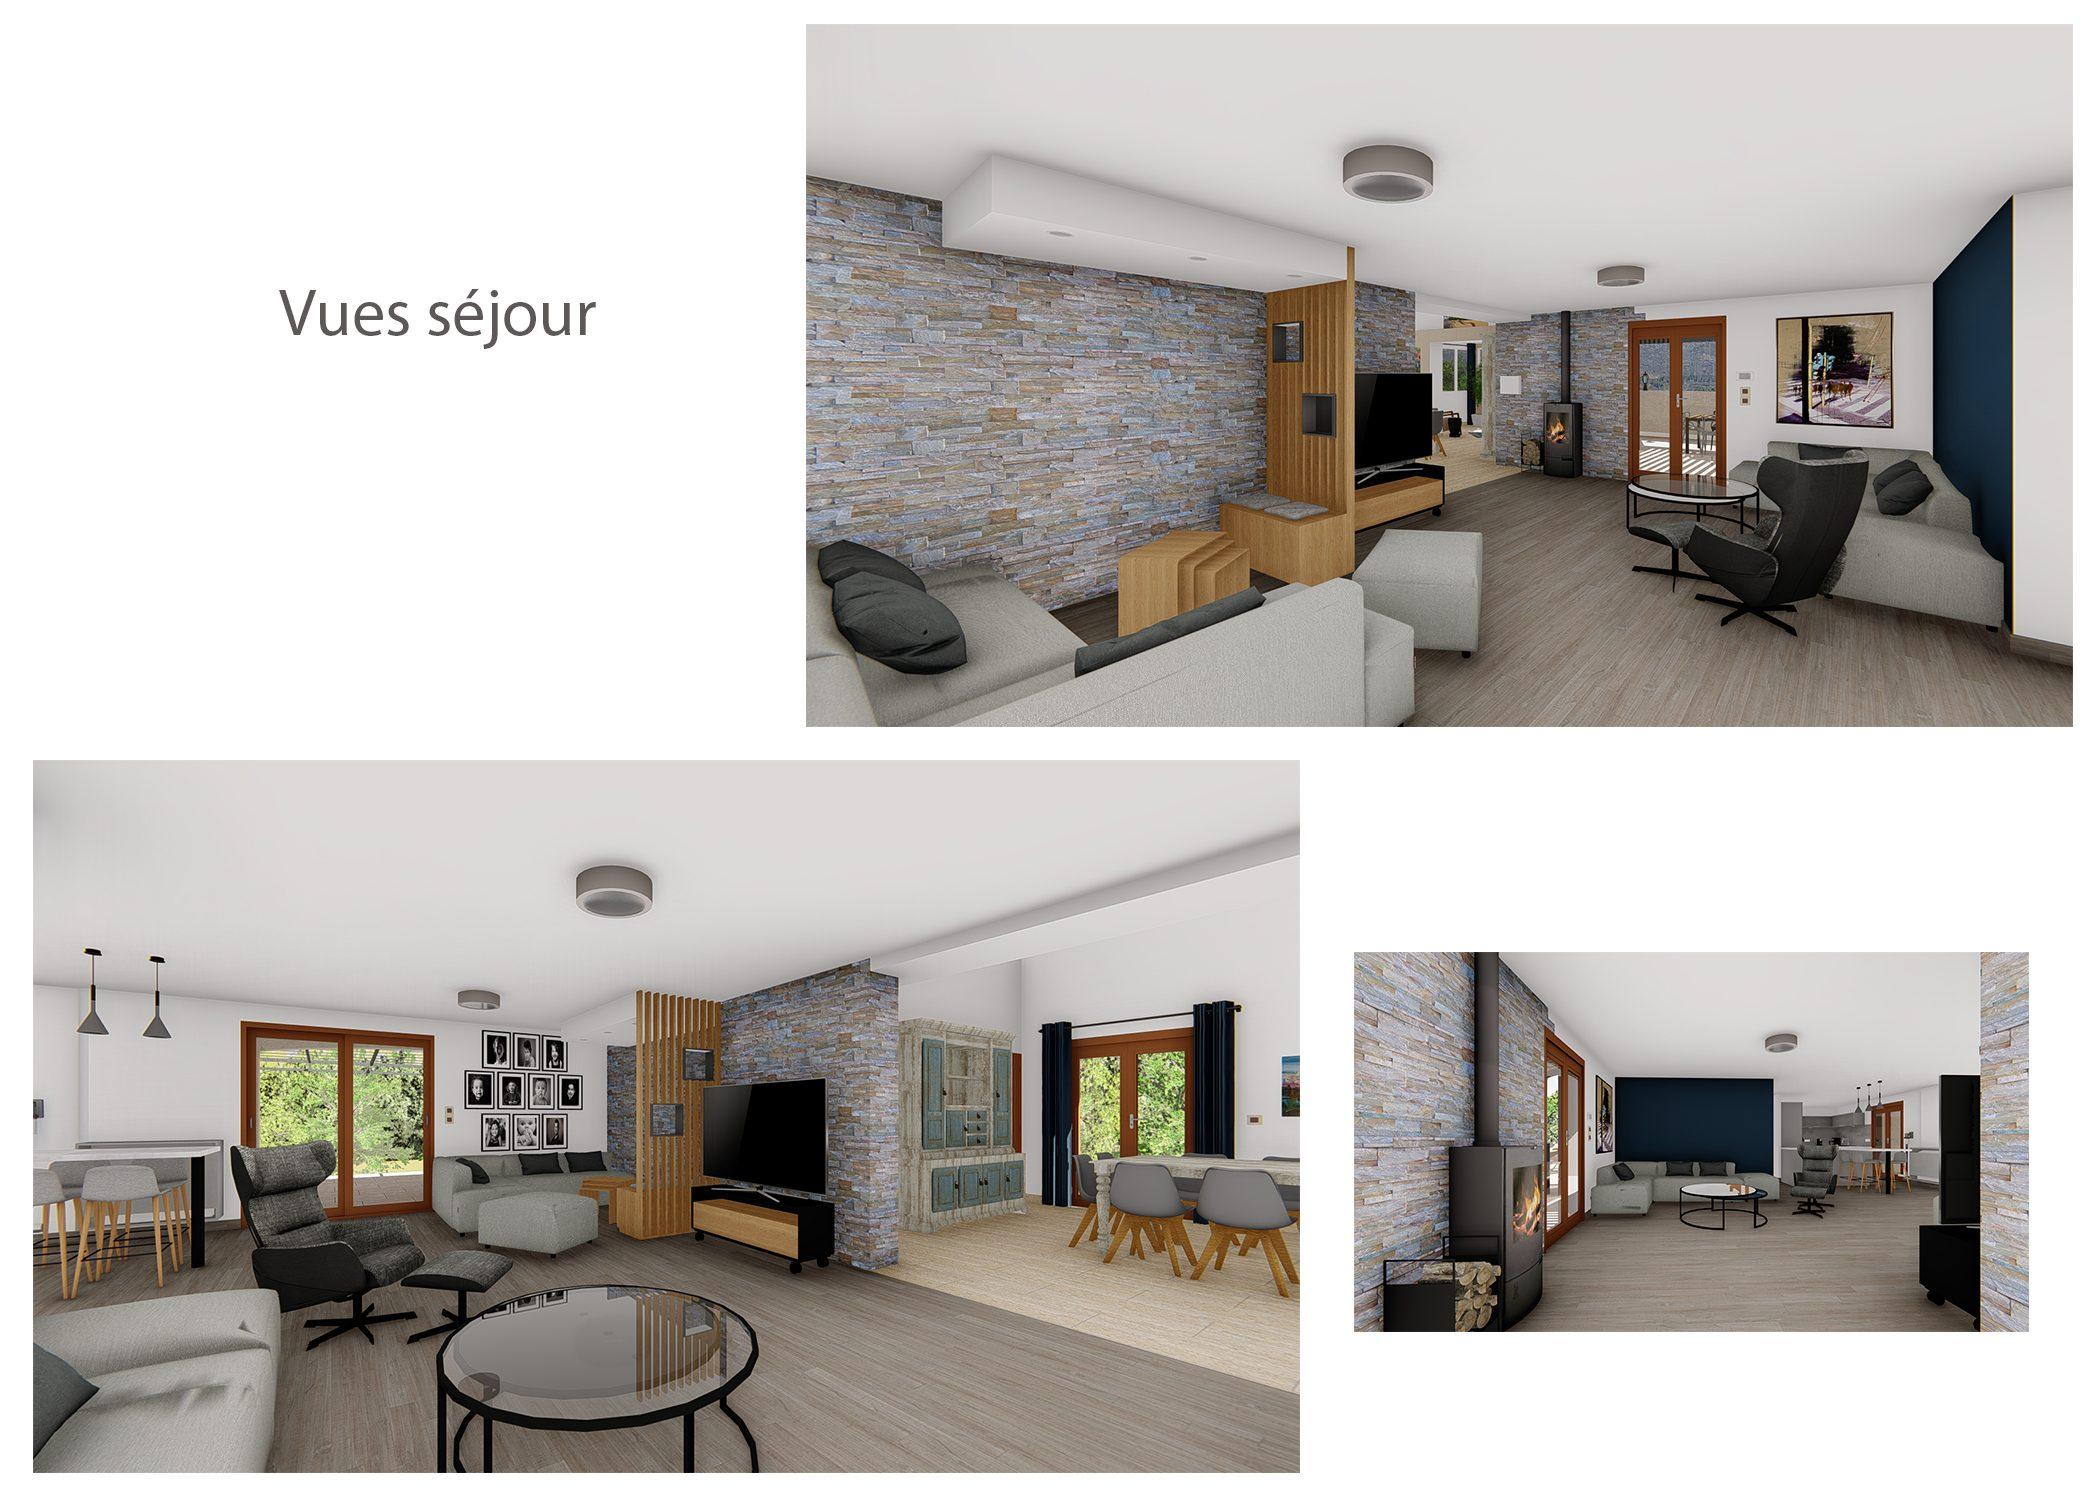 amenagement-decoration-espace de vie et terrasse fuveau-vues sejour-dekho design